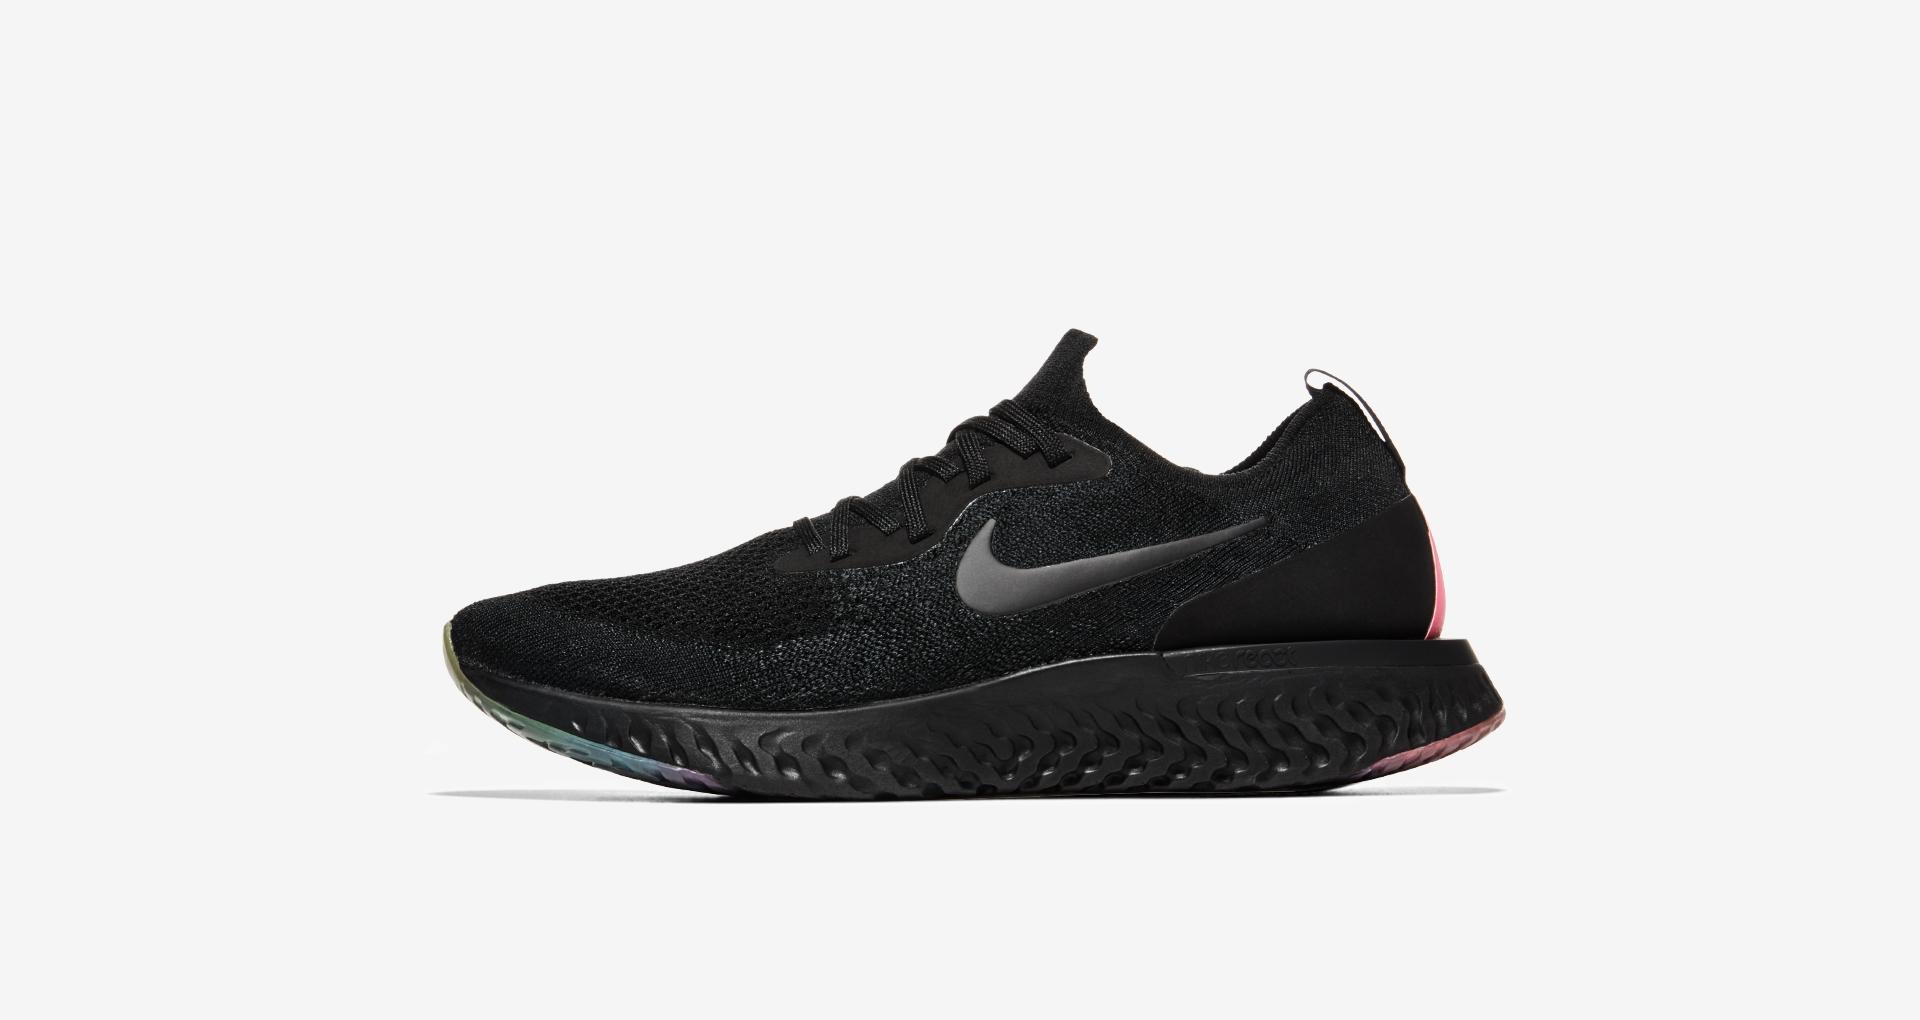 a86e2036c108 Nike epic react flyknit betrue 2018 - WearTesters